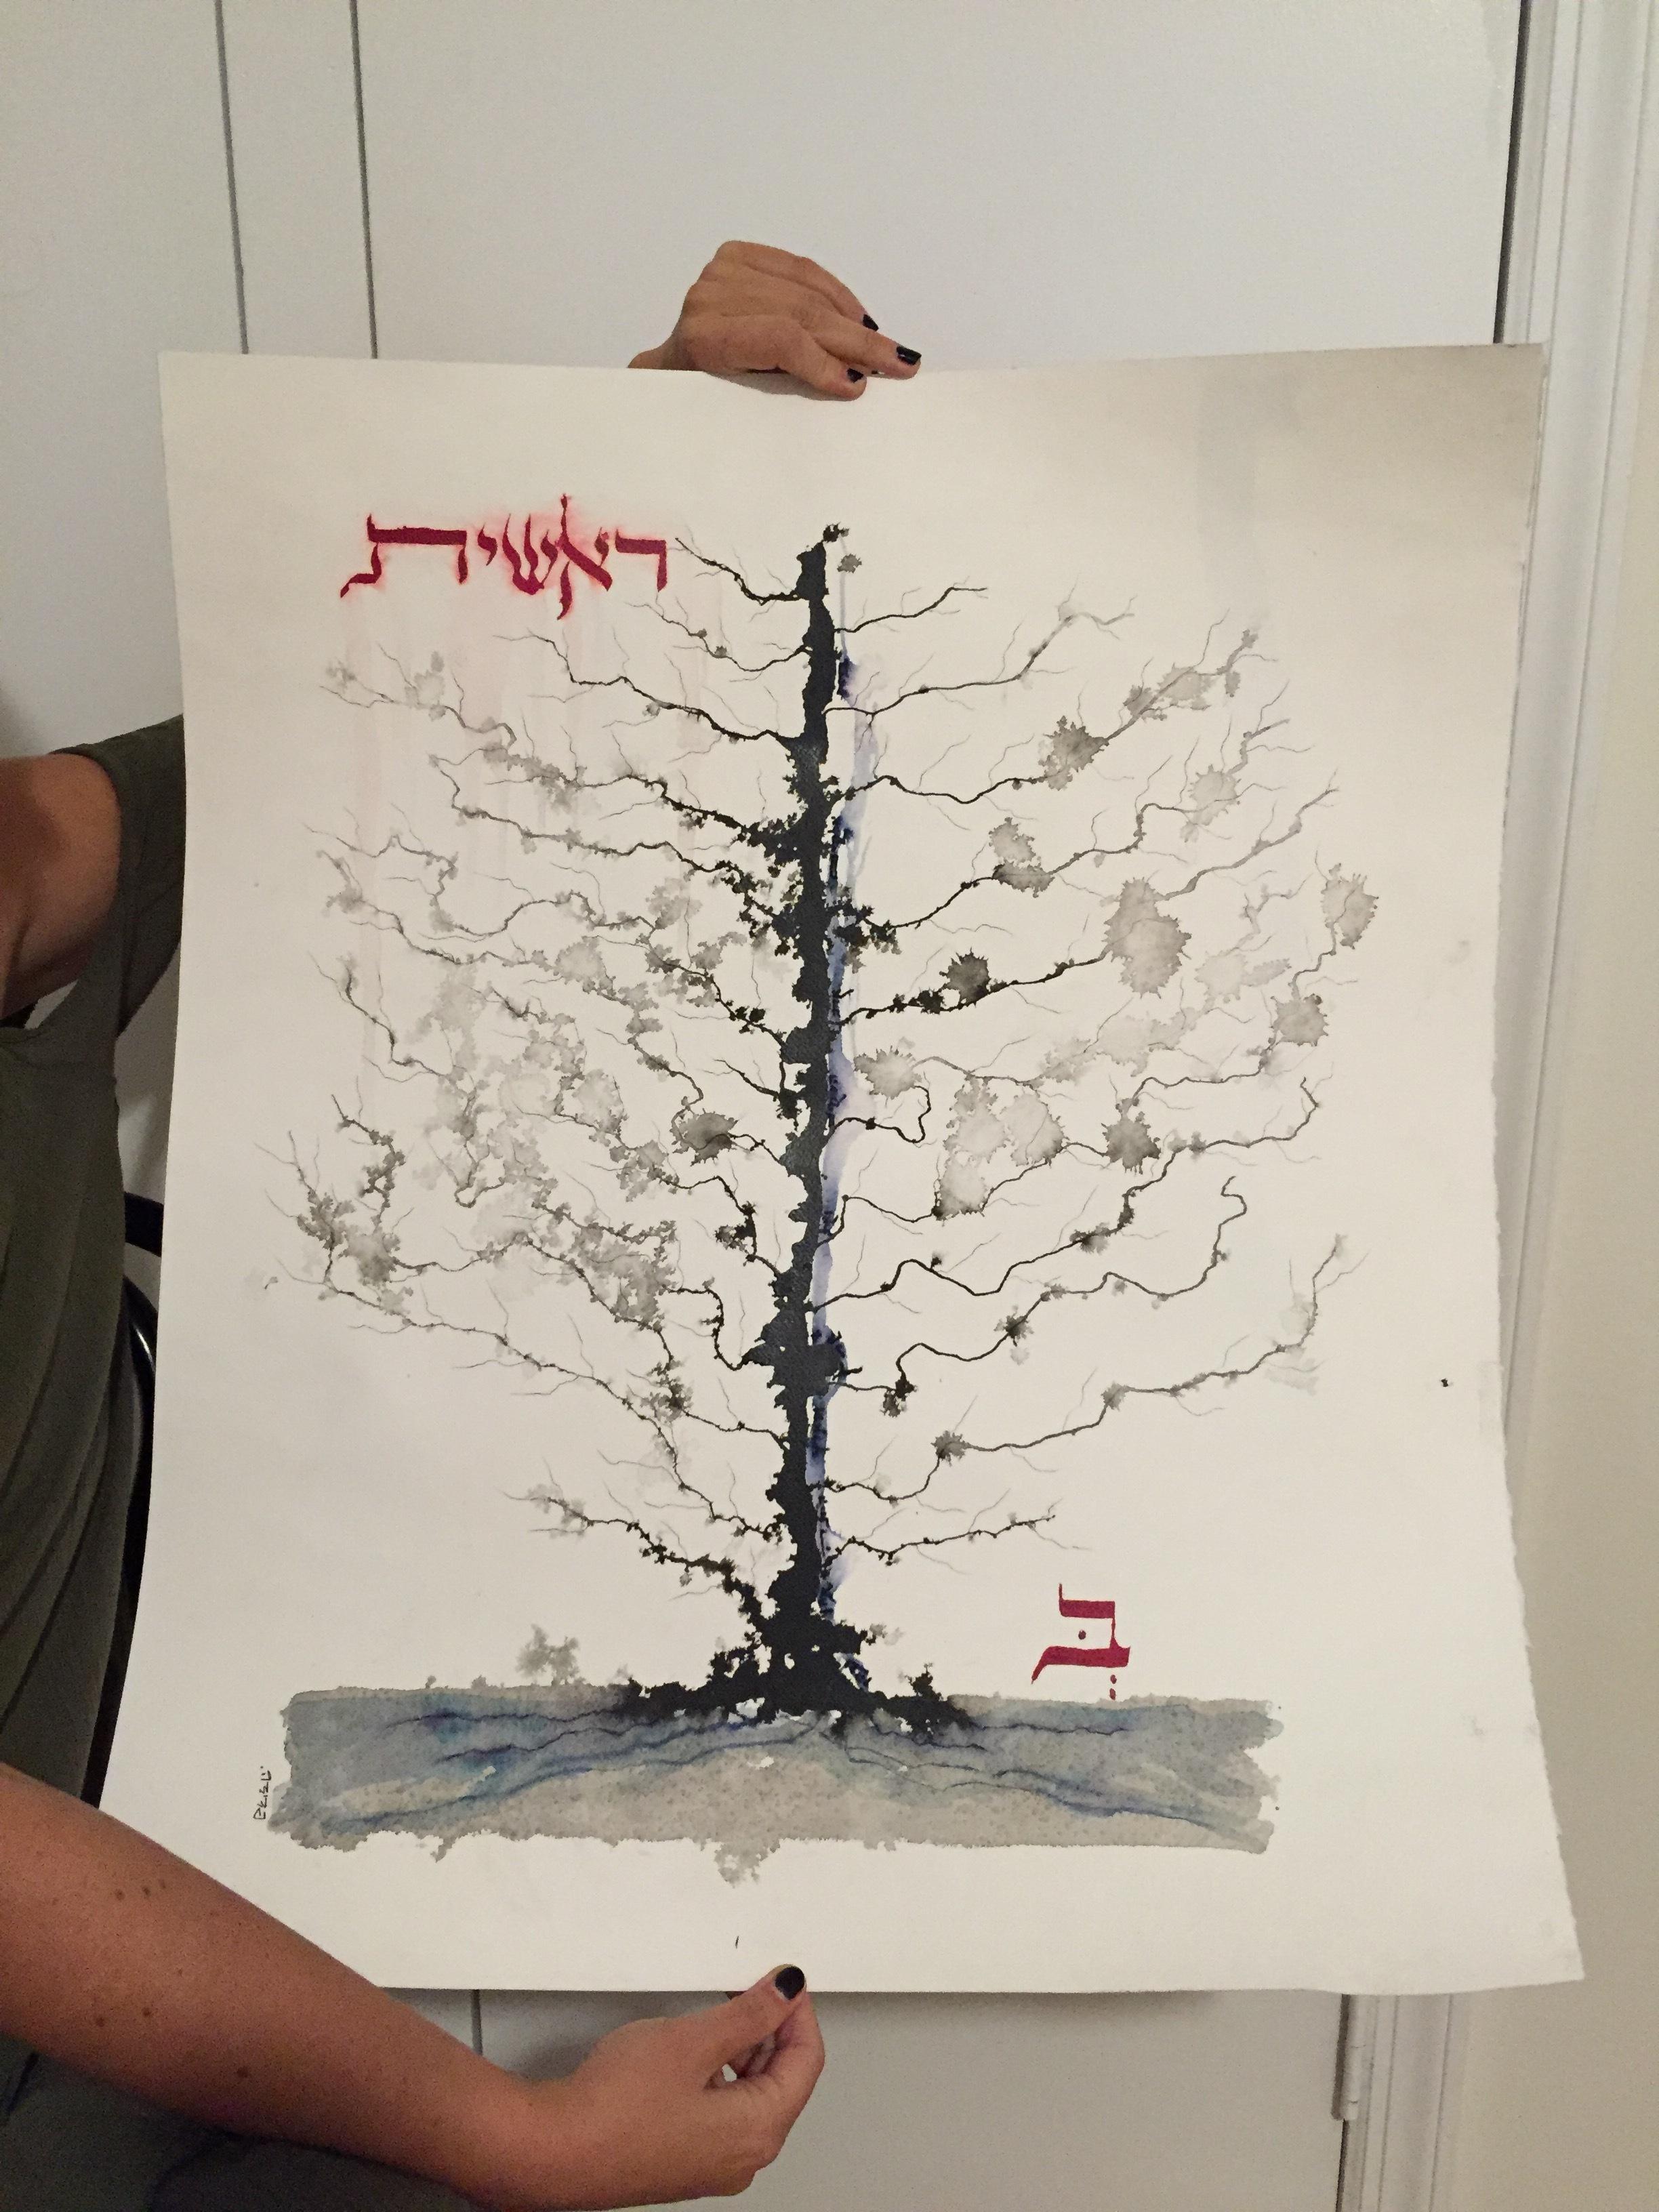 Artwork by Igal Fedida (http://www.igalfedida.com)